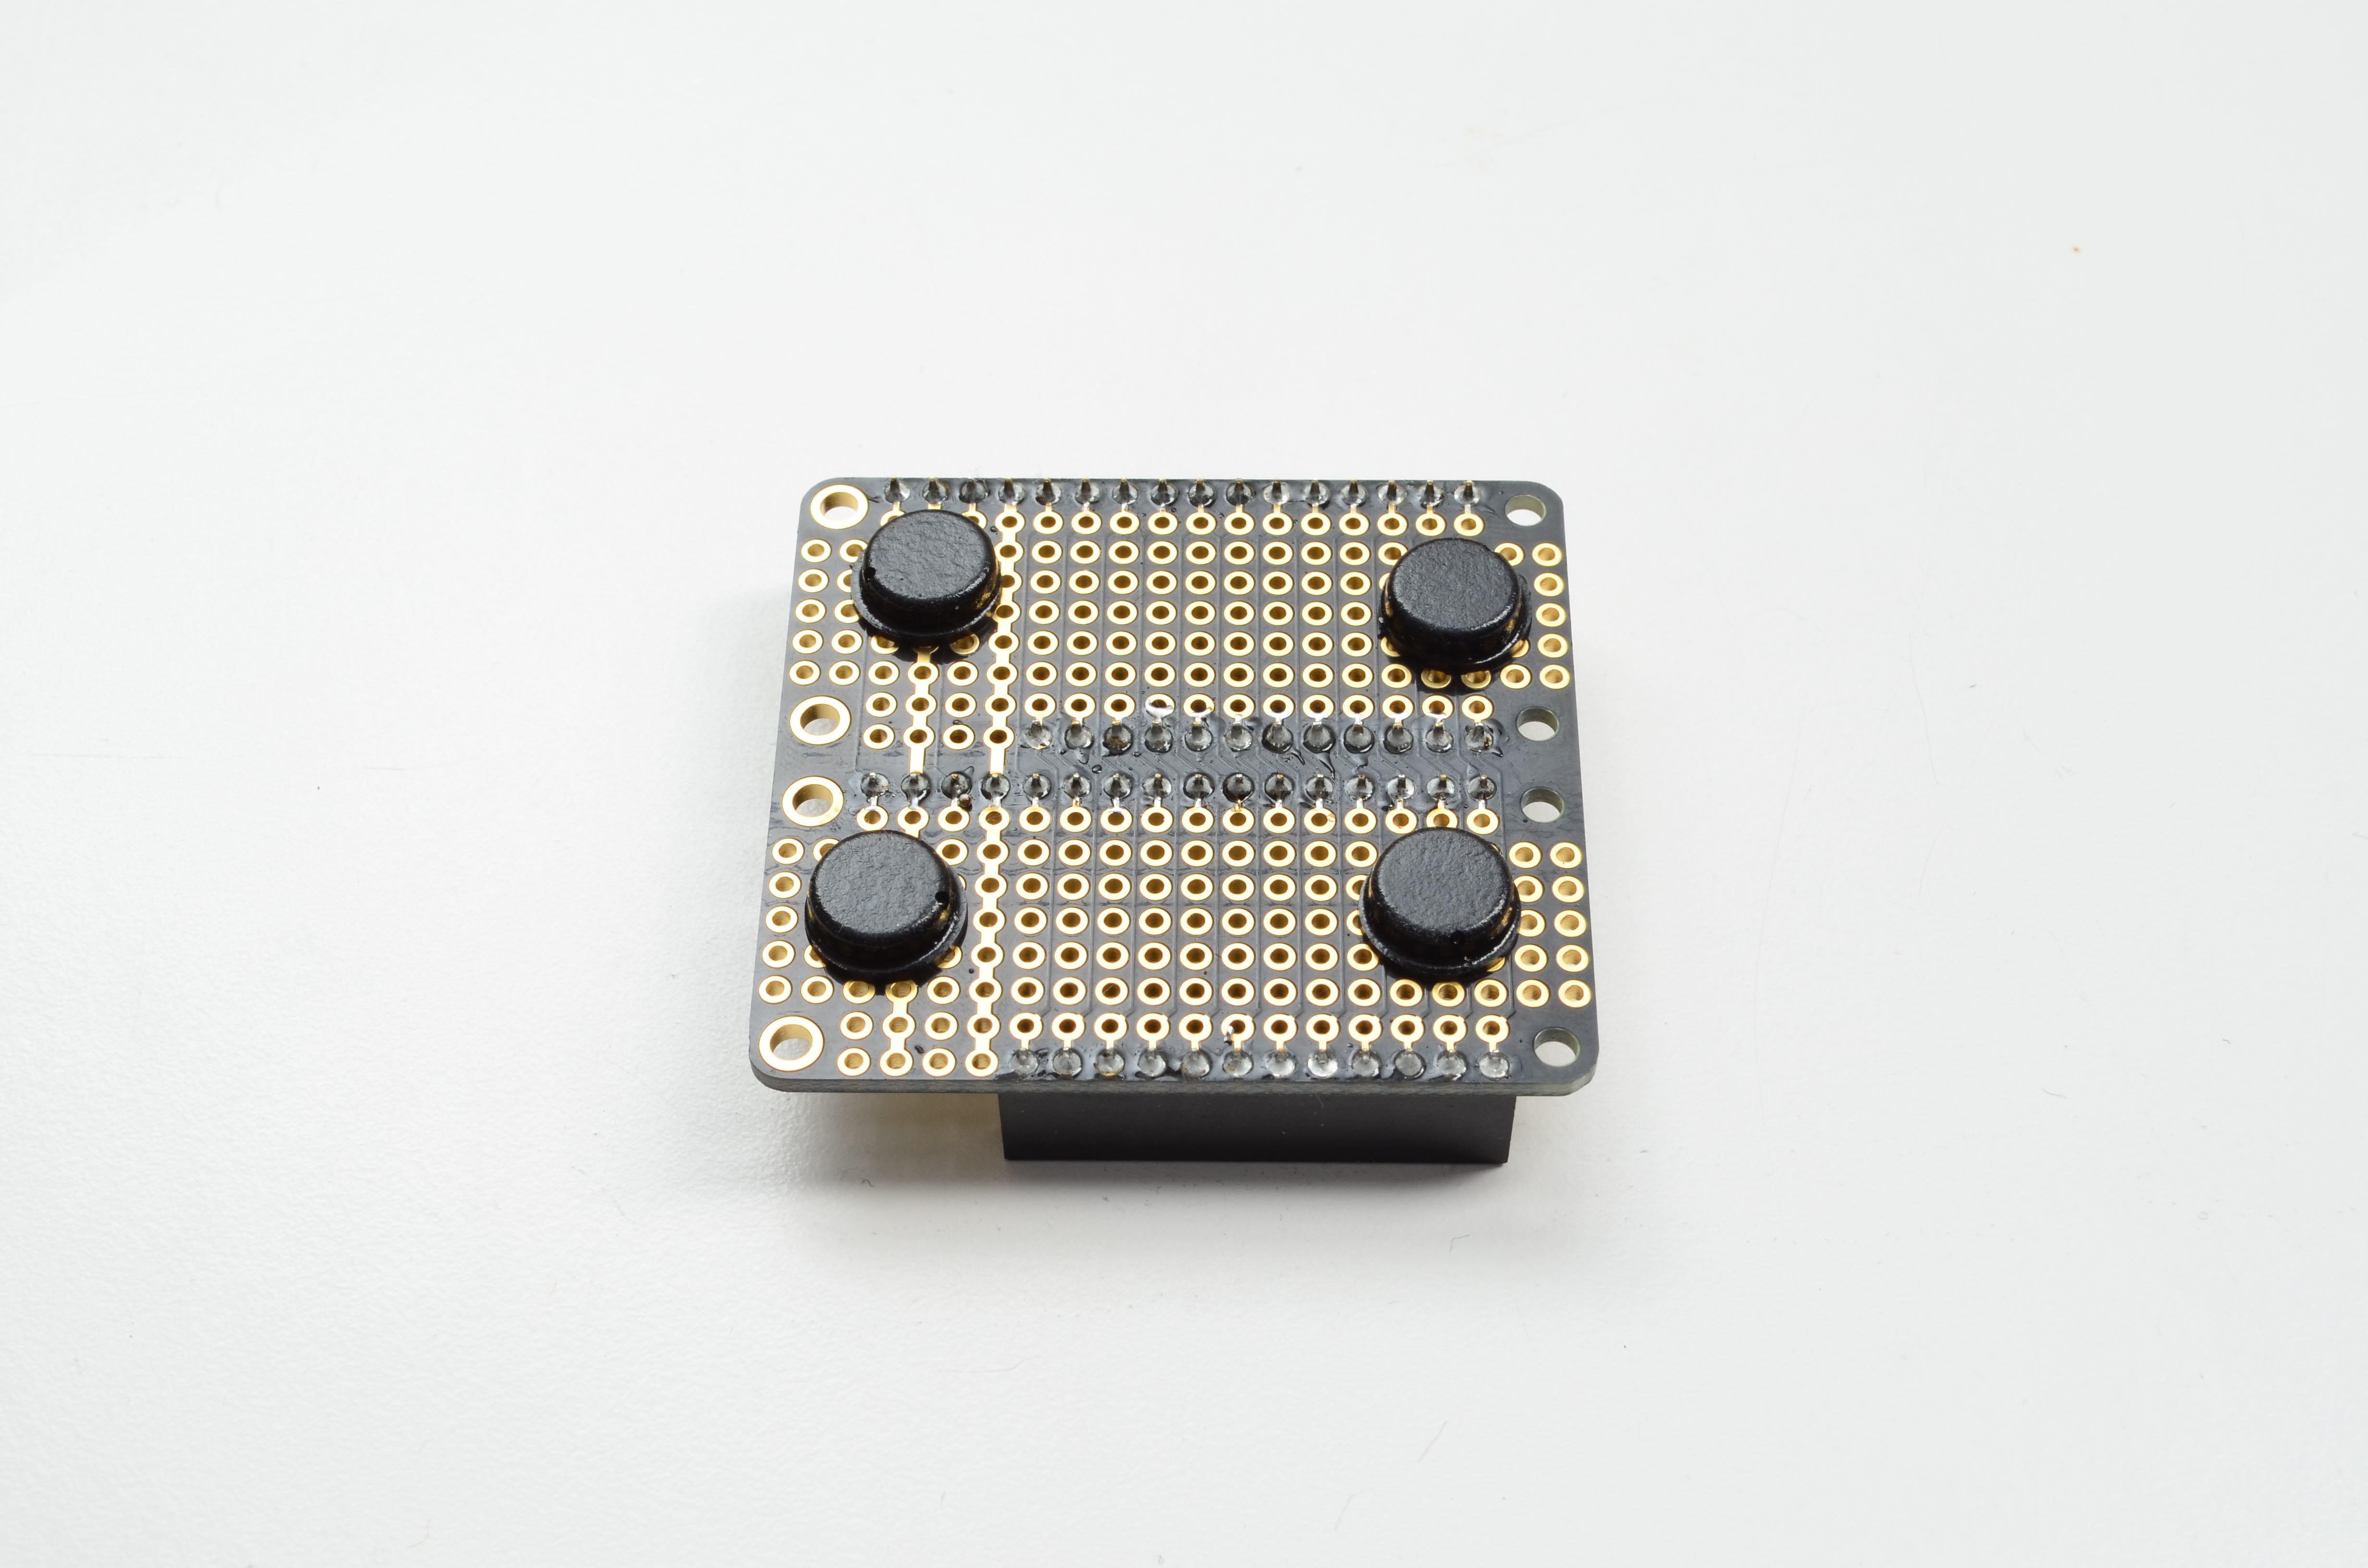 microcontrollers_DSC_3360.jpeg